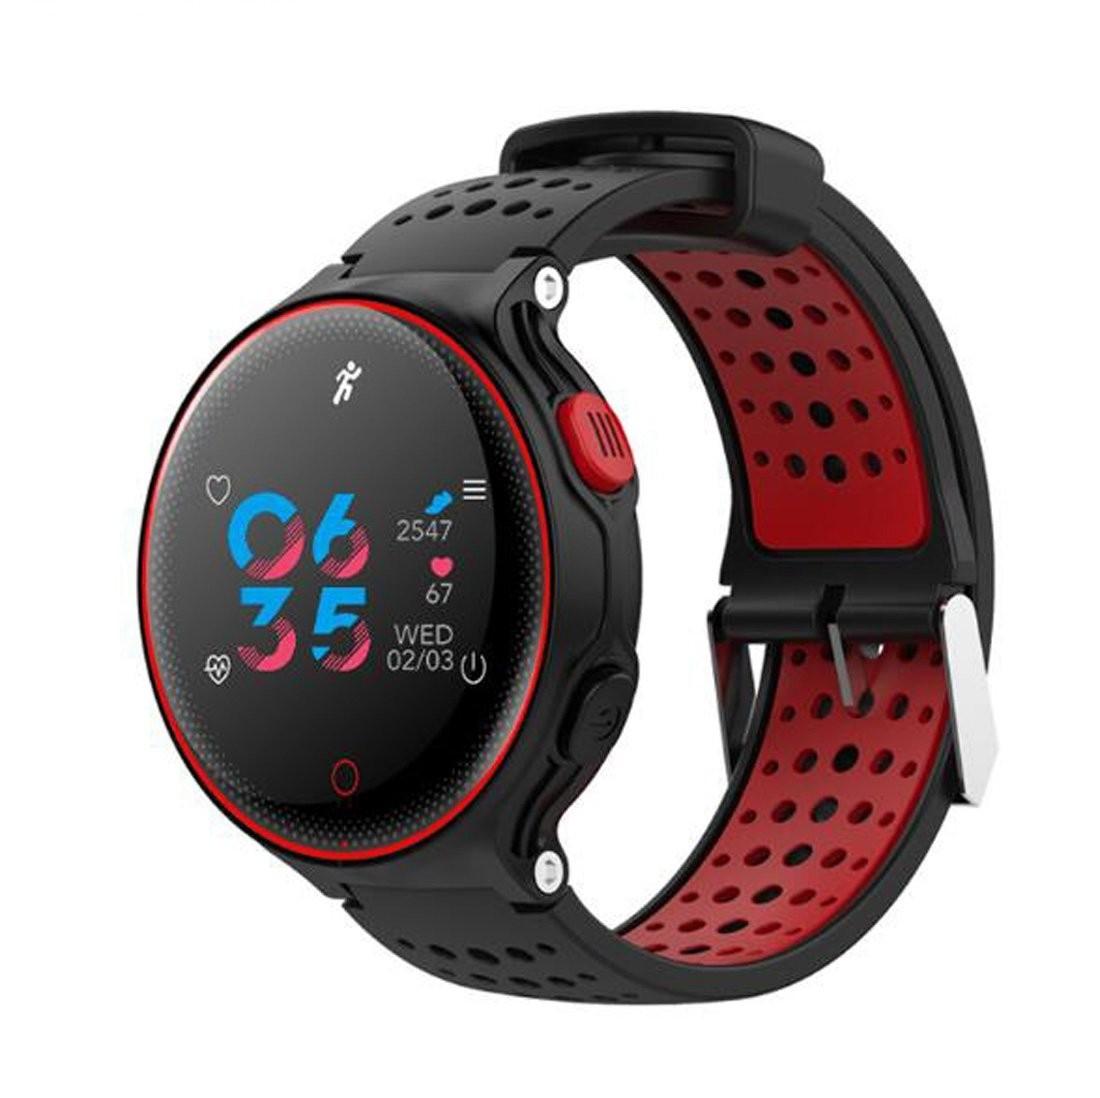 Фитнес-часы с измерением давления и пульса Gsmin X2 Plus черно-красные